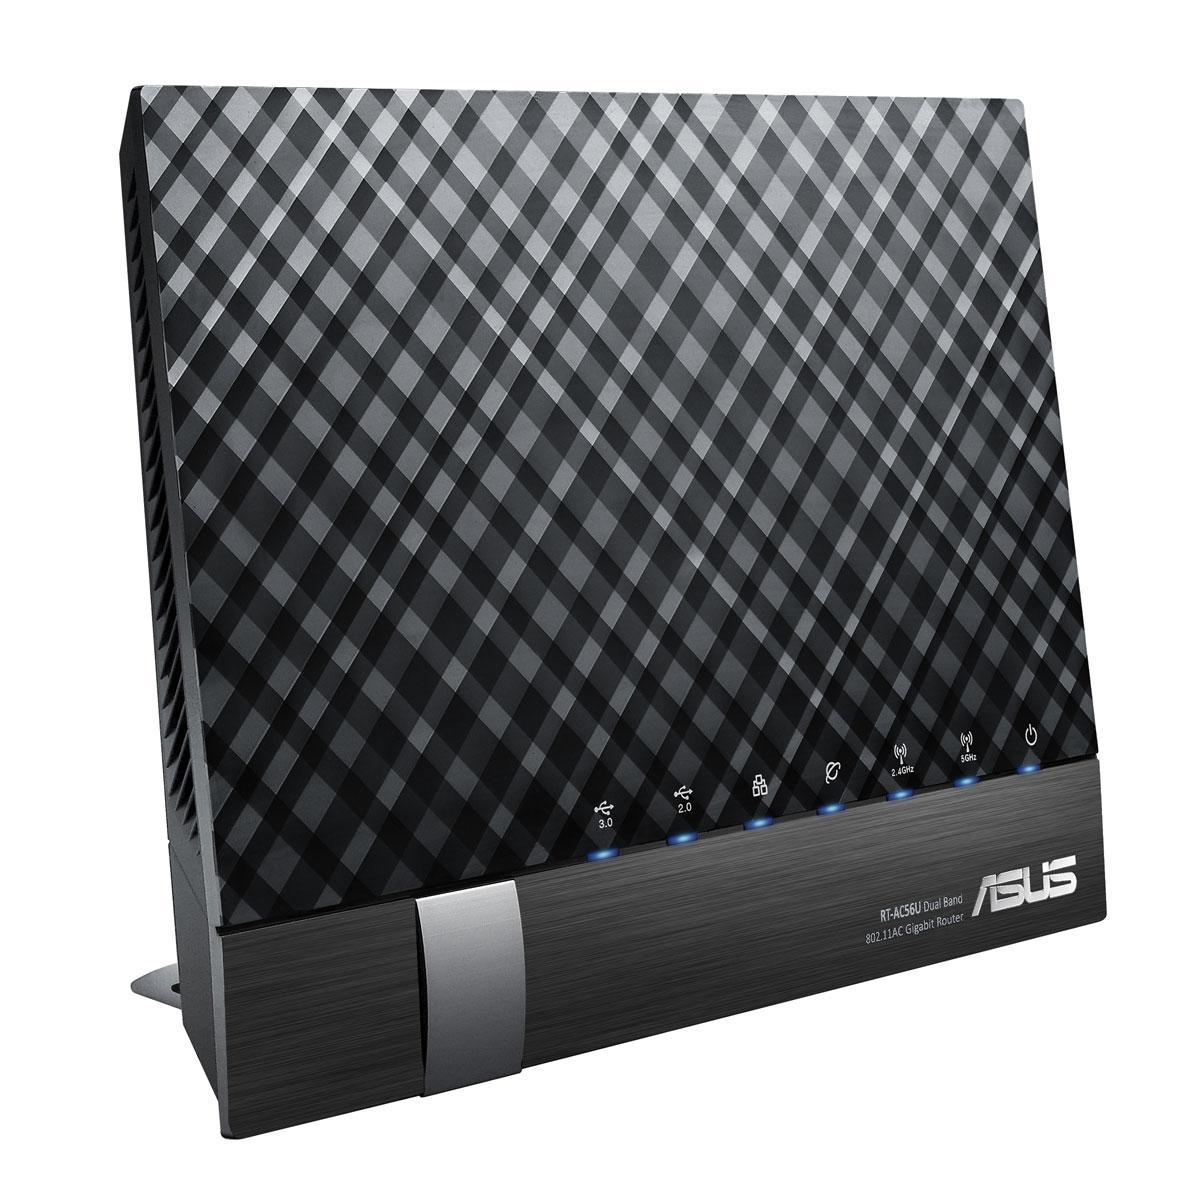 Modem & routeur ASUS RT-AC56U Routeur sans fil WiFi Dual Band 802.11ac 867 Mbps +300 Mbps avec 4 ports LAN 10/100/1000 Mbps